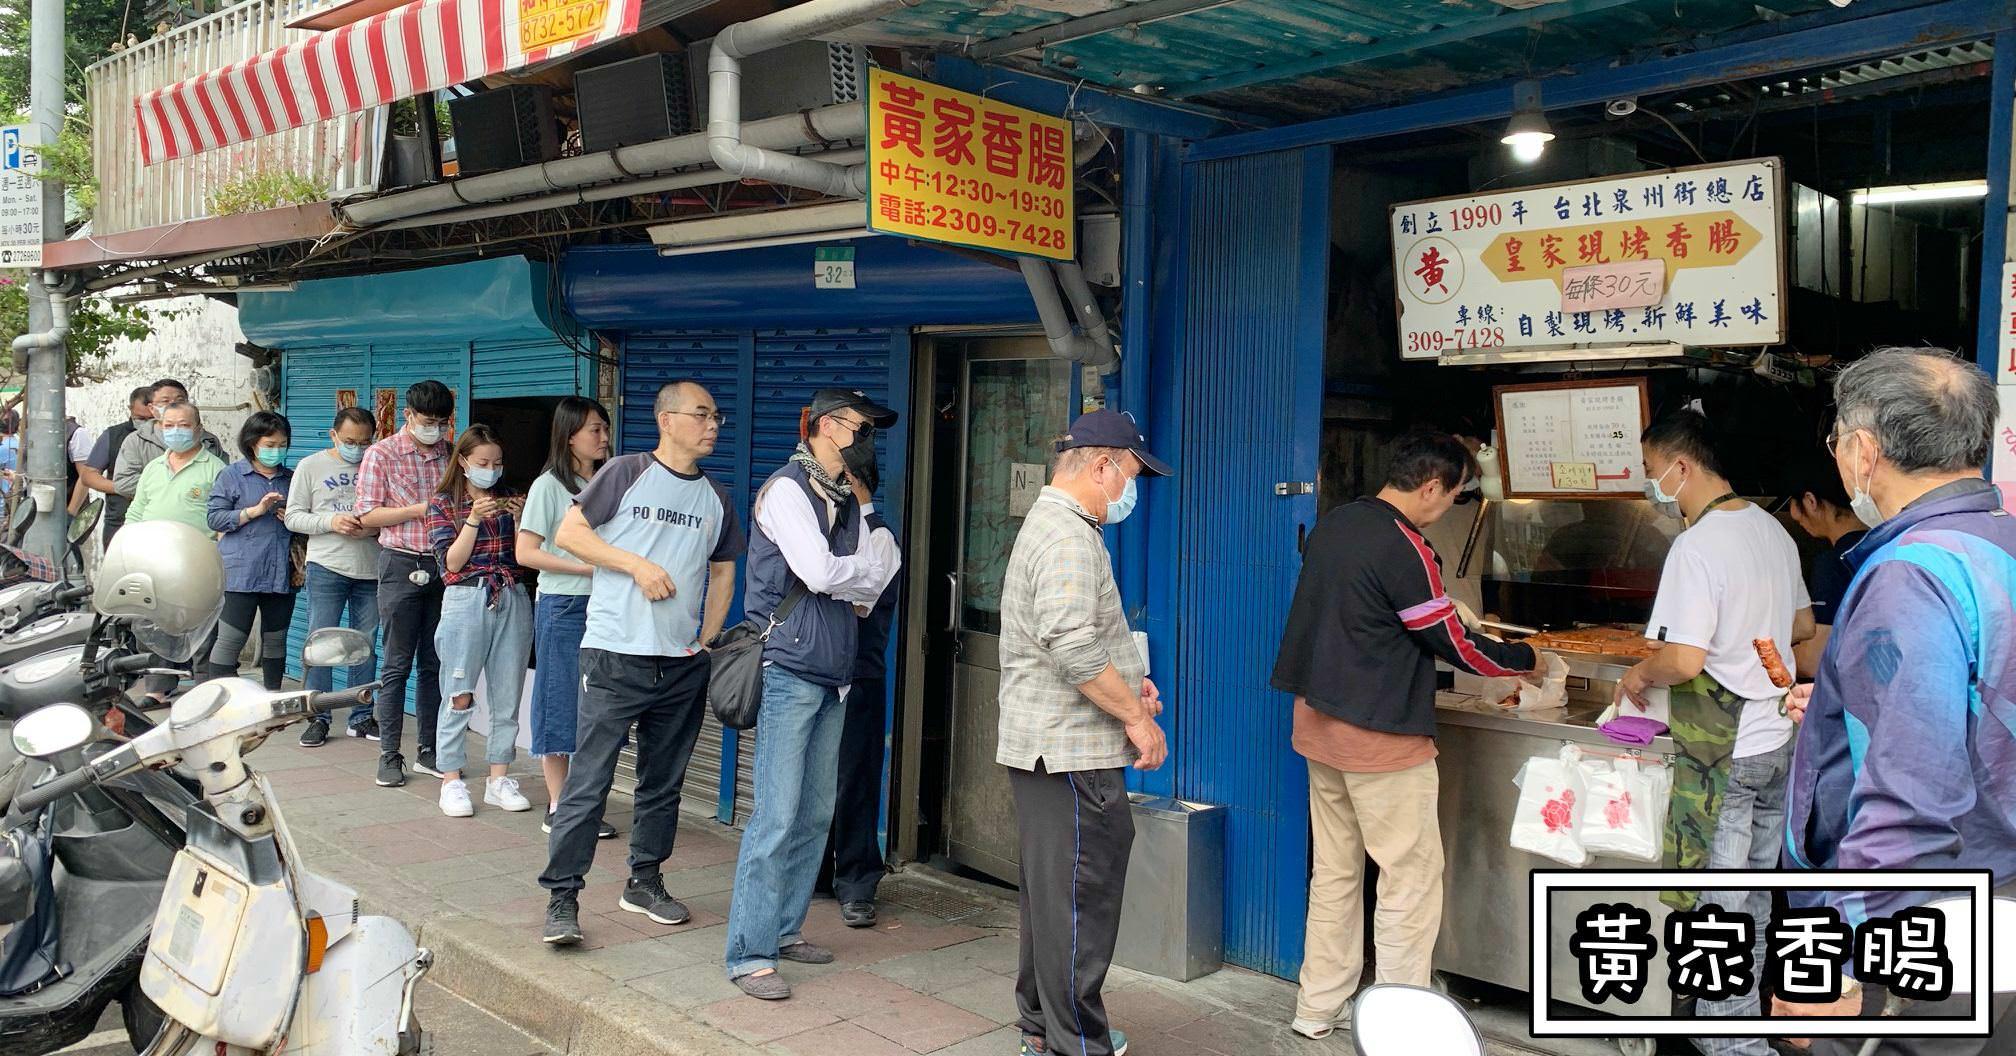 黃家香腸,皇家香腸,泉州街美食,白鍾元香腸,白鍾元台北,古亭美食 @Nash,神之領域